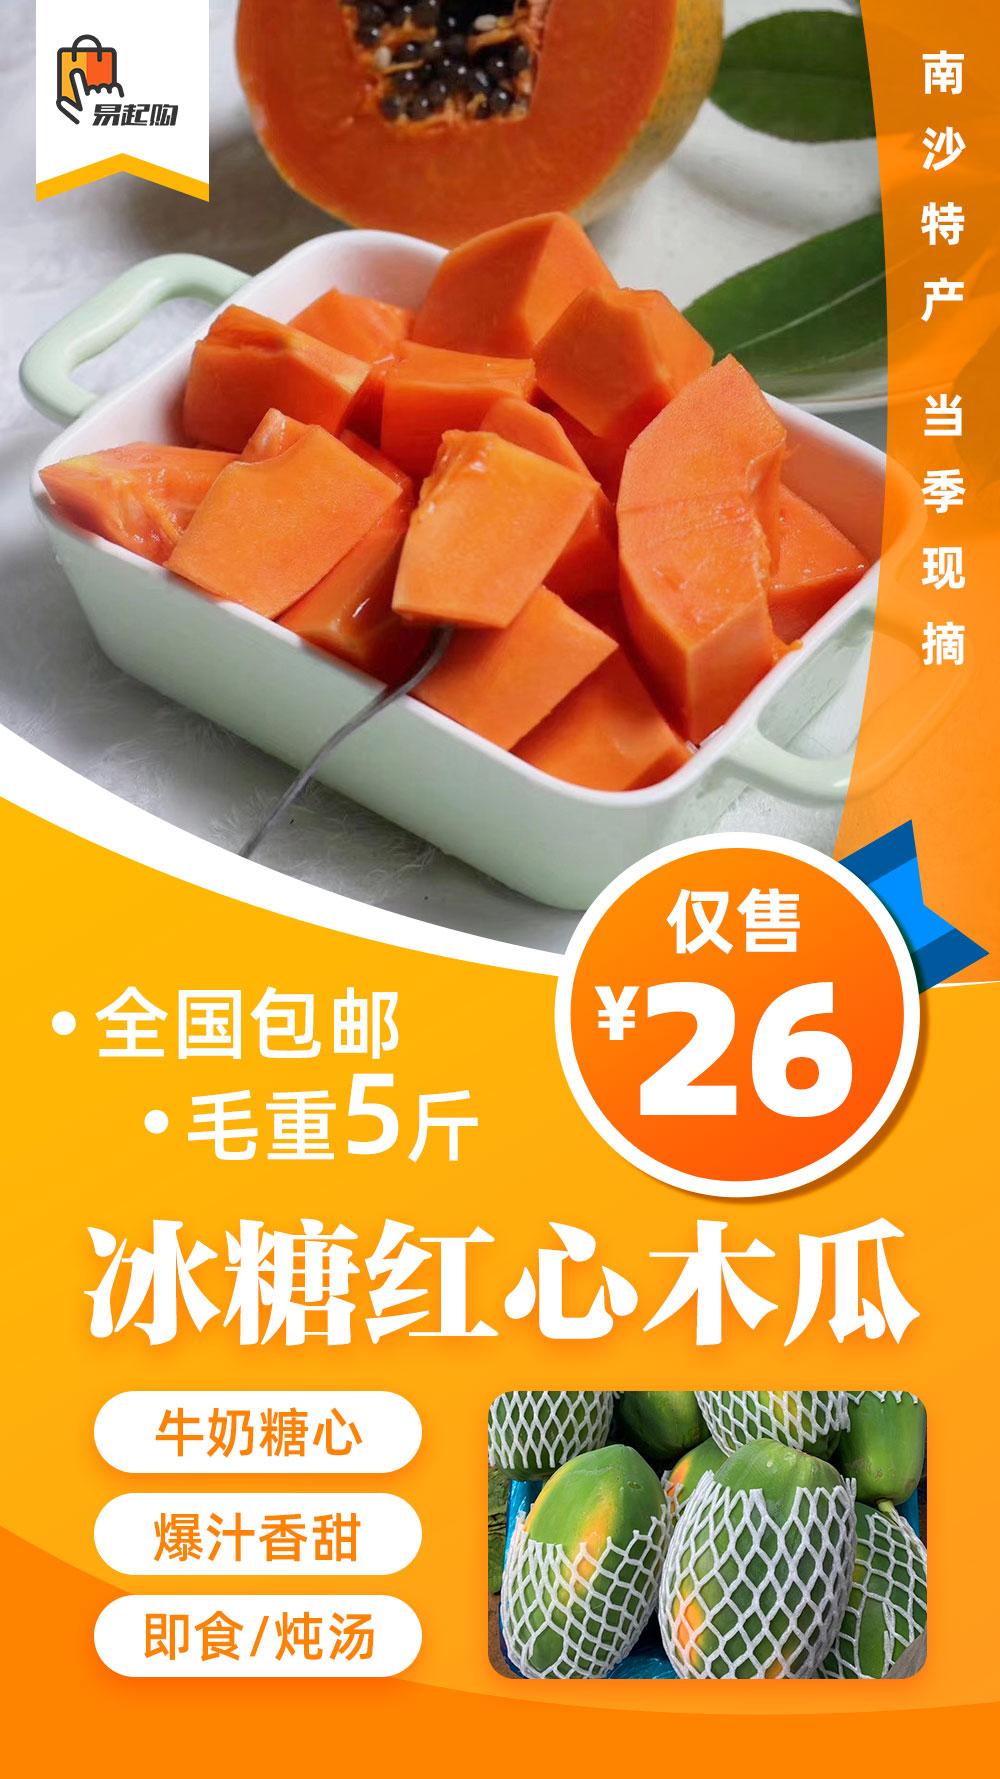 冰糖红心木瓜(26元新图).jpg